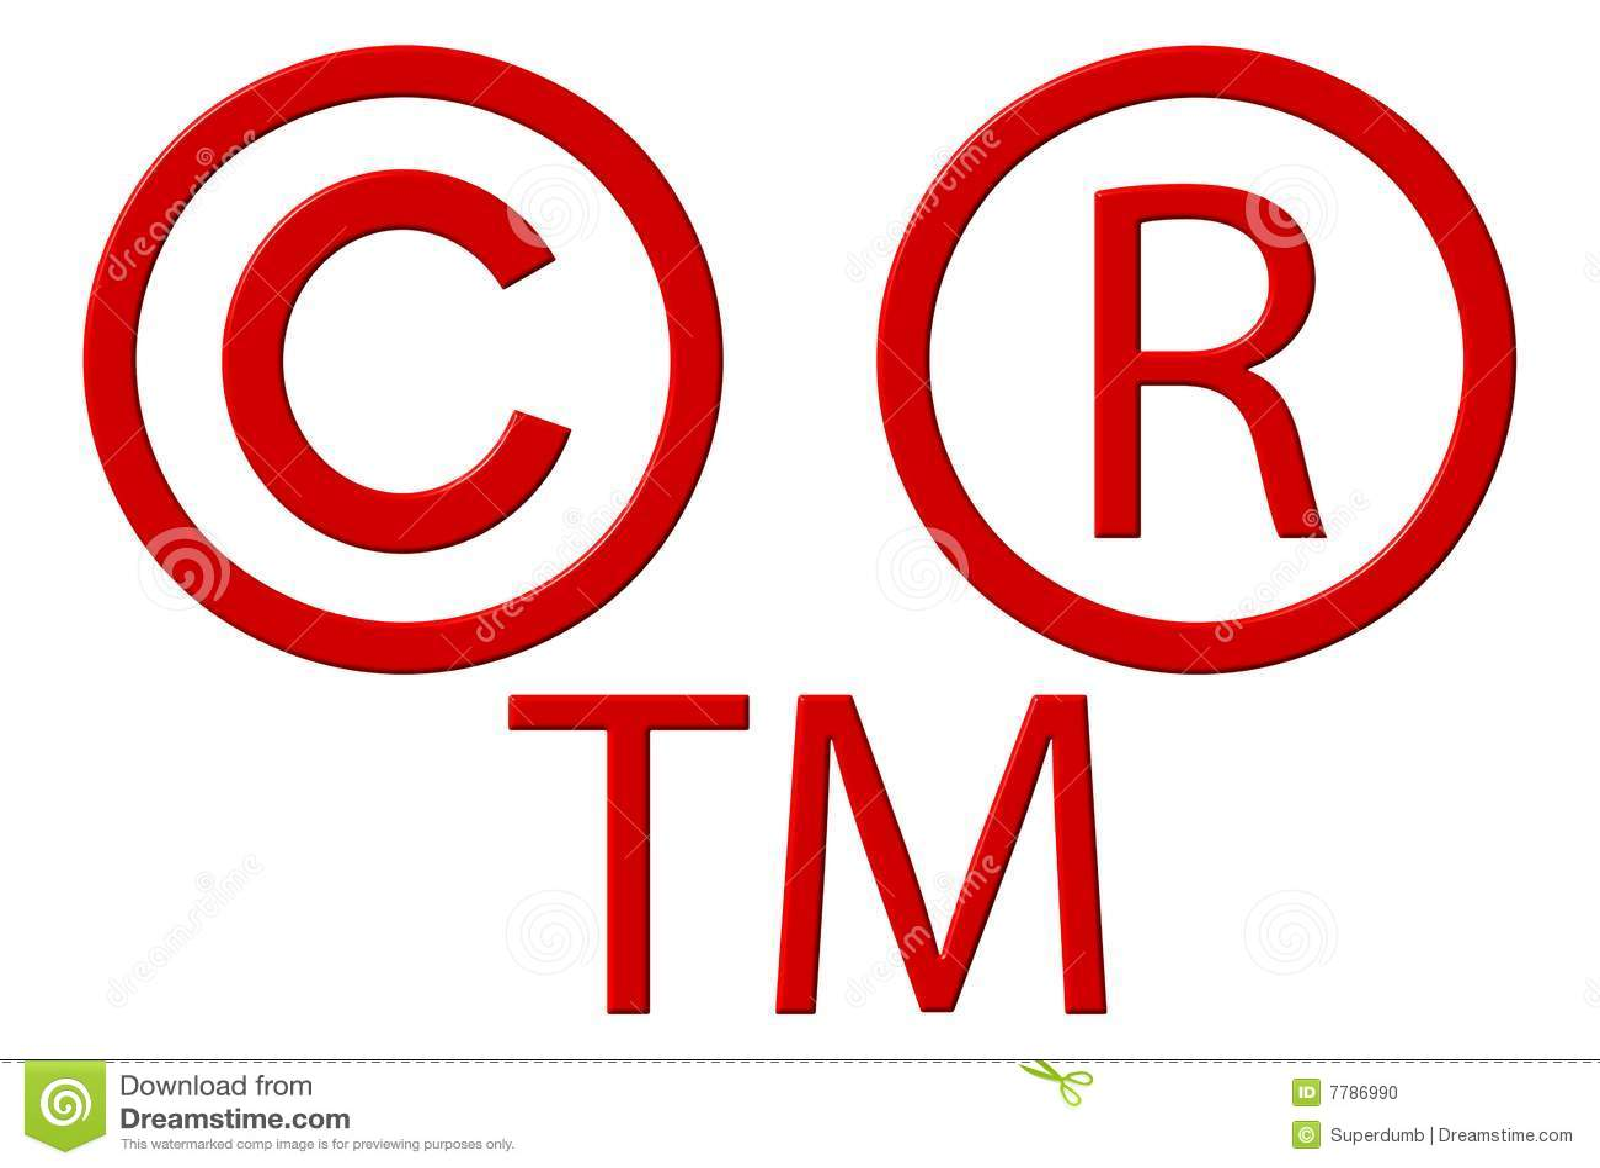 Registered Trademark Logo Png